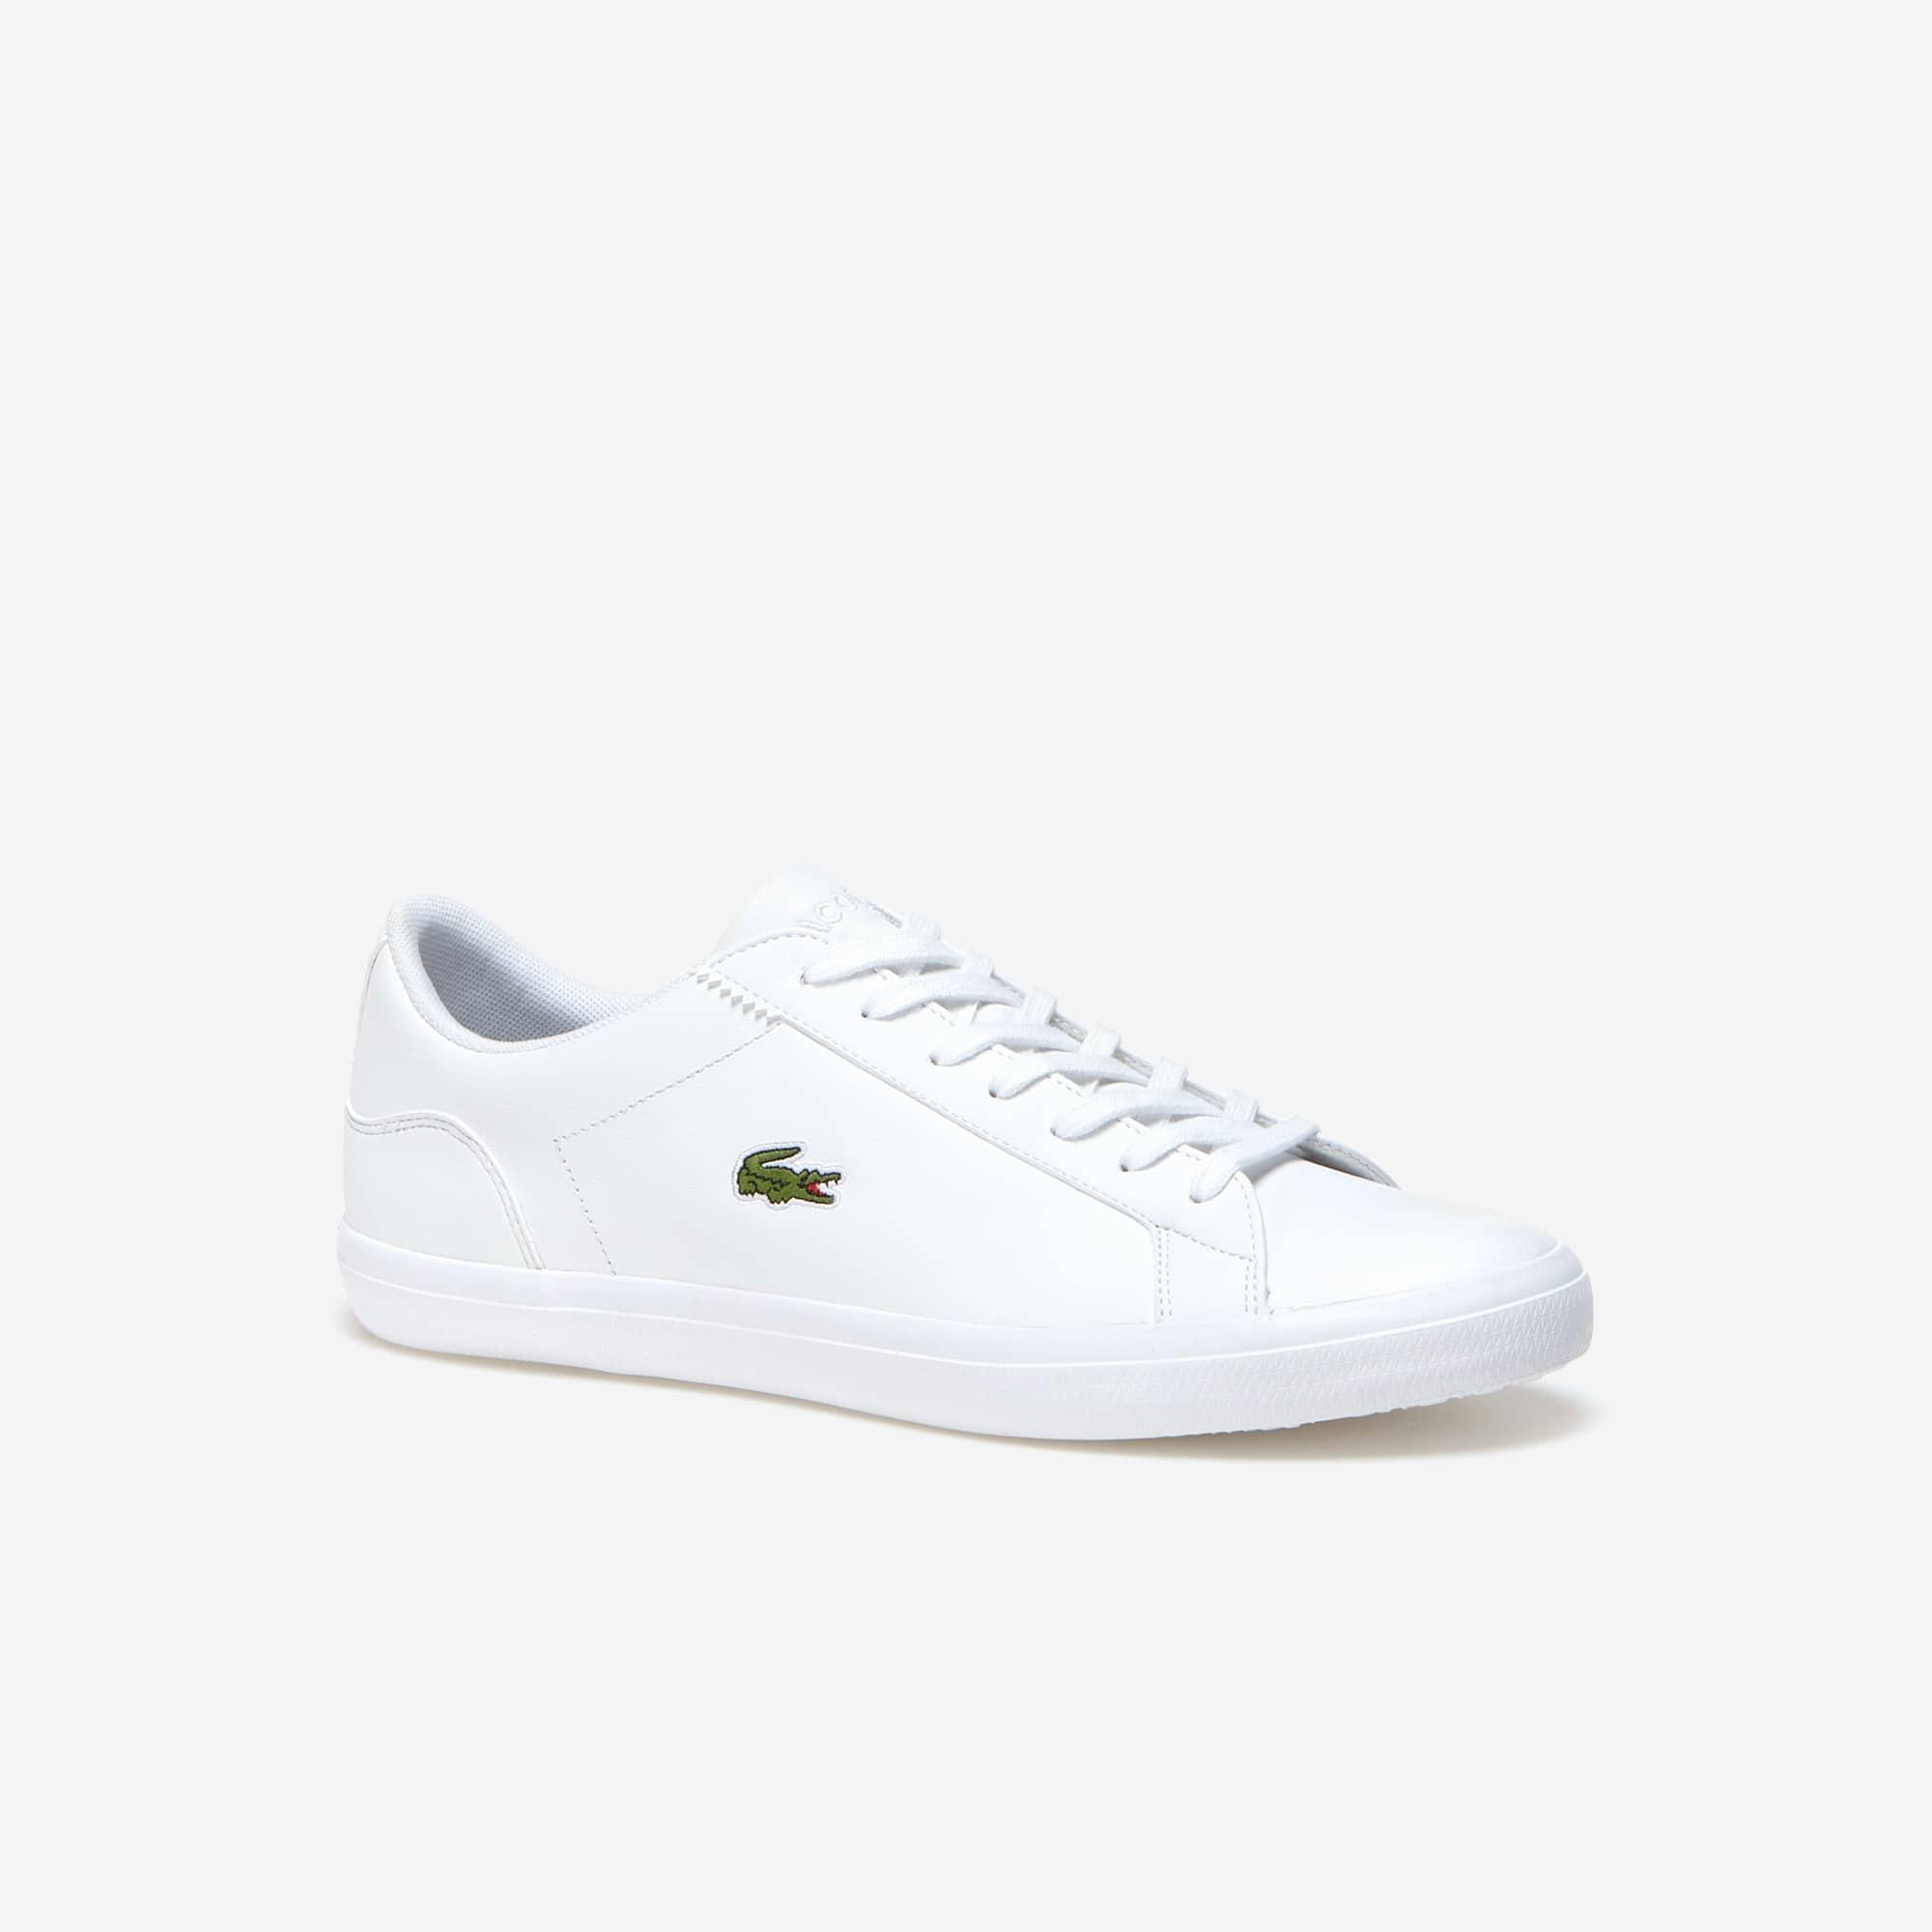 611d737a239 Calzado de Lacoste para hombre  Zapatillas